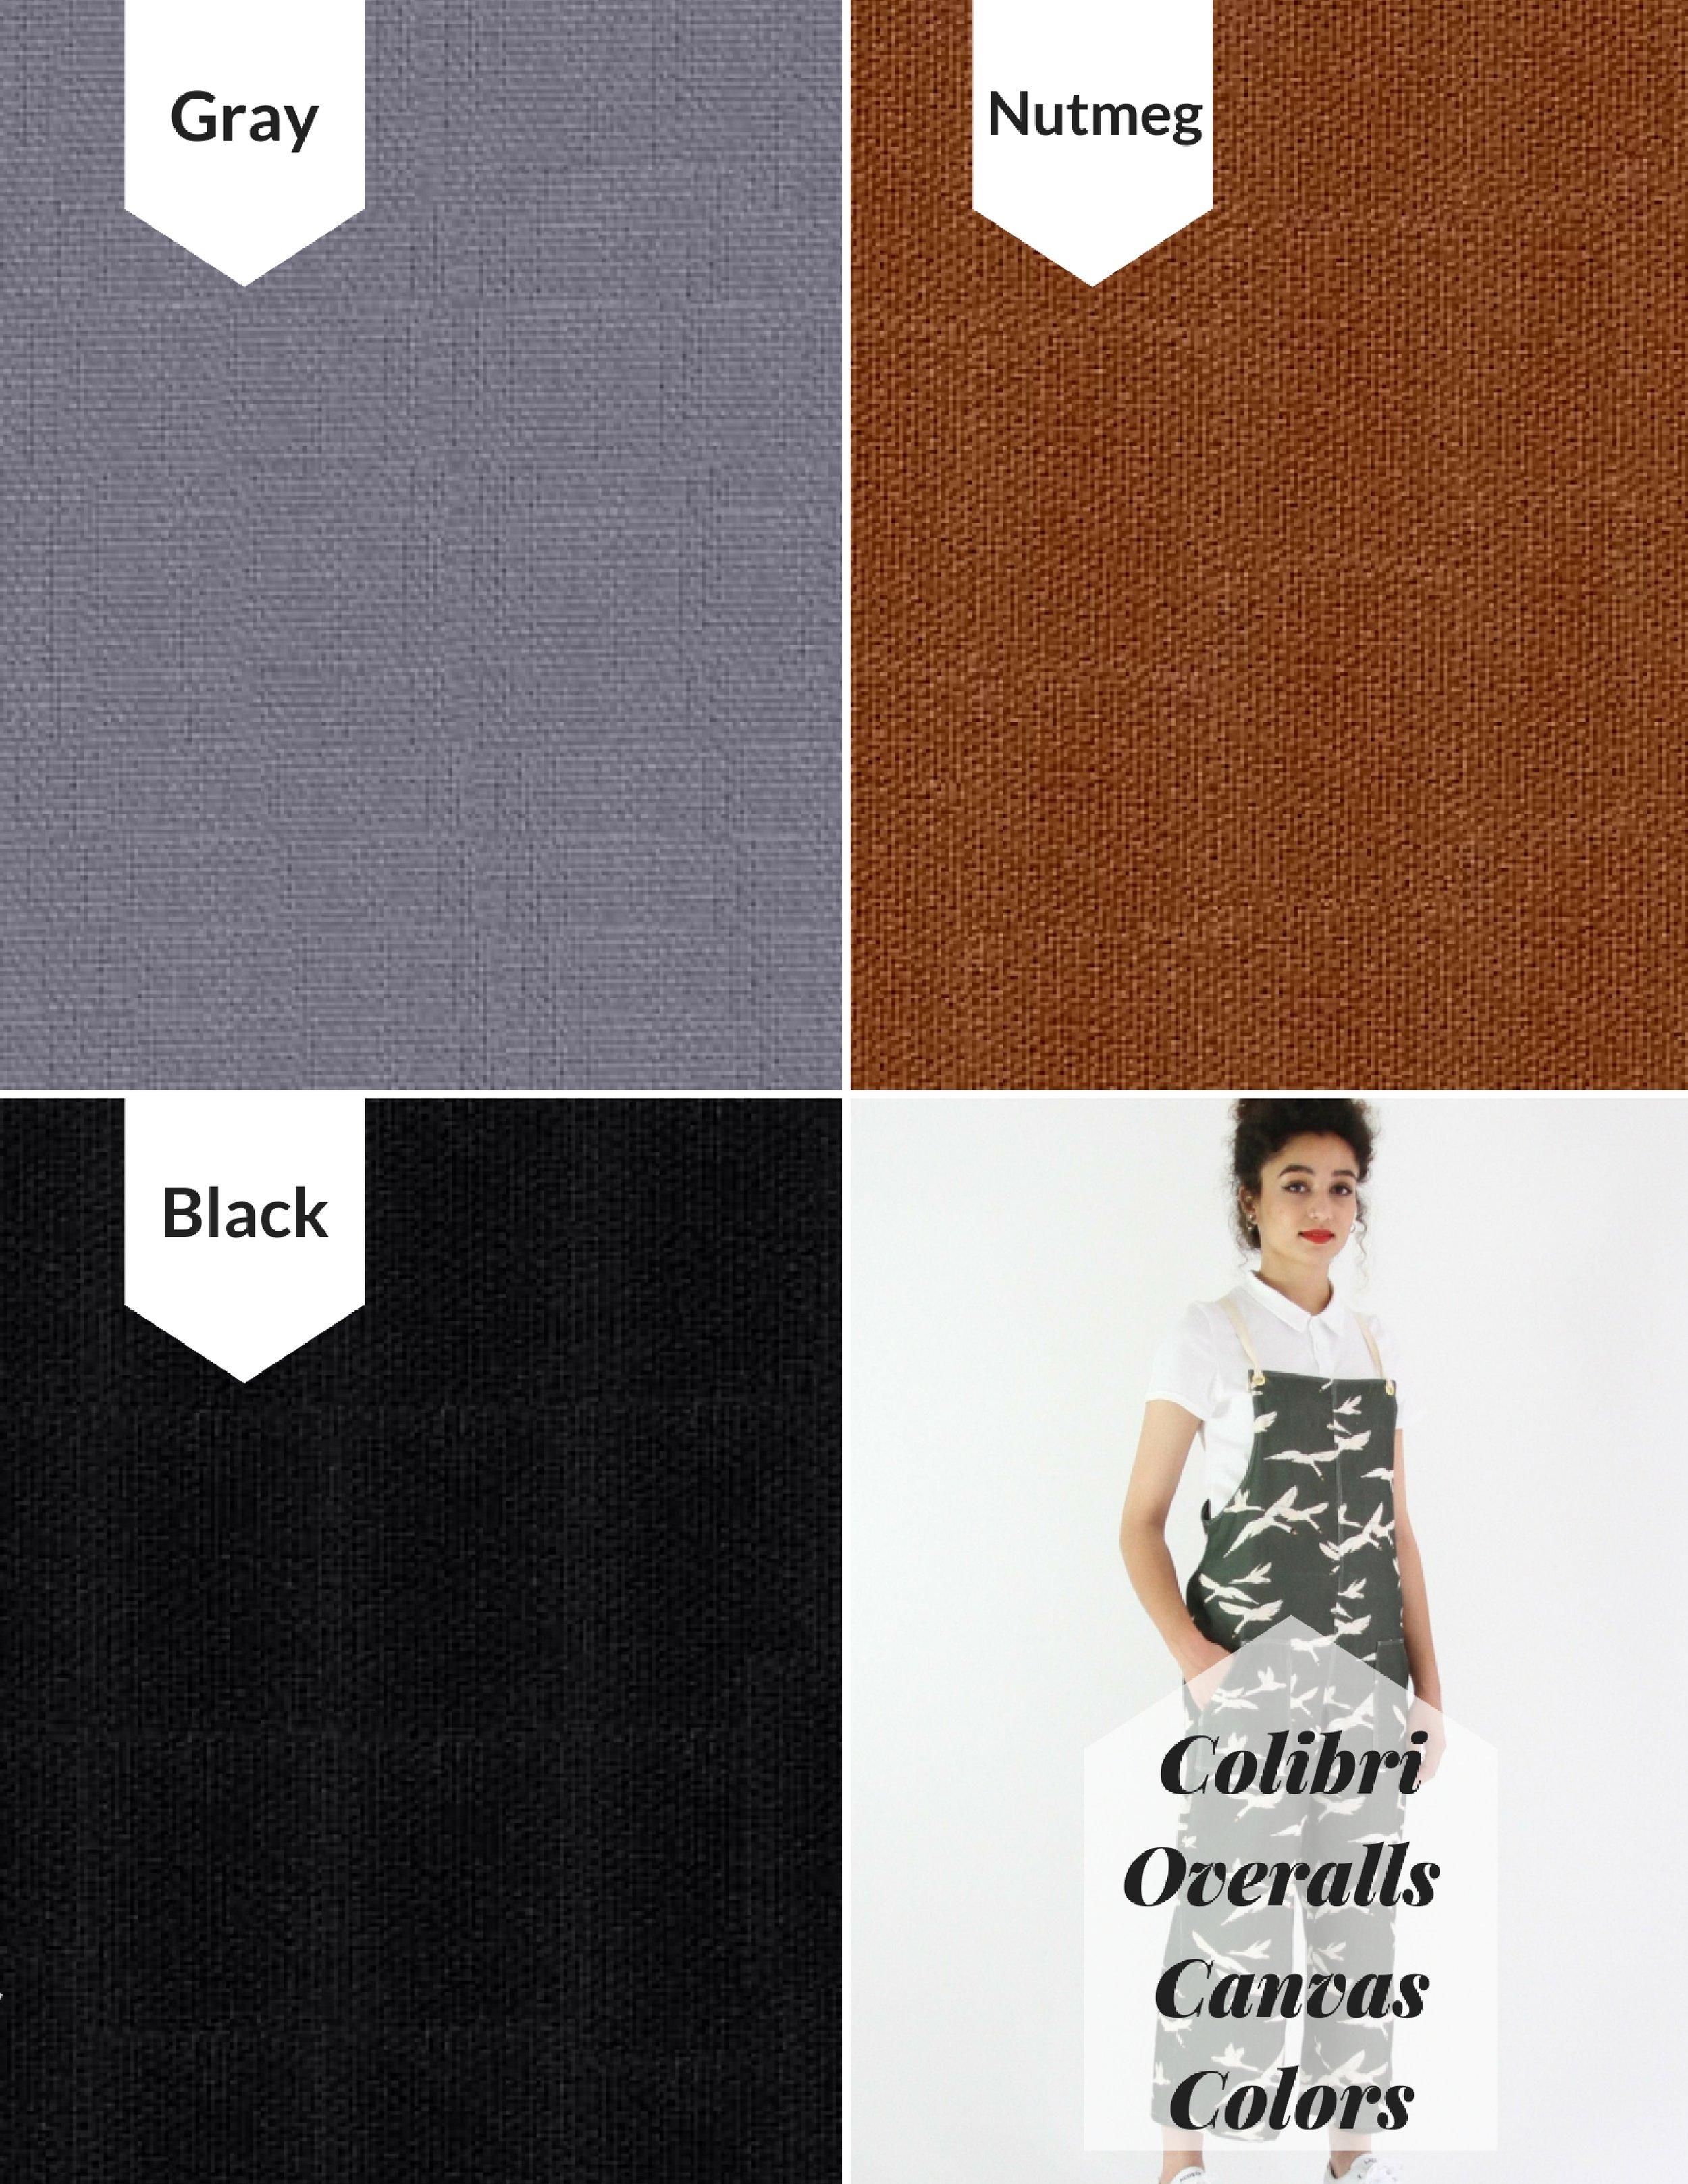 Colibri Overalls Color Choices